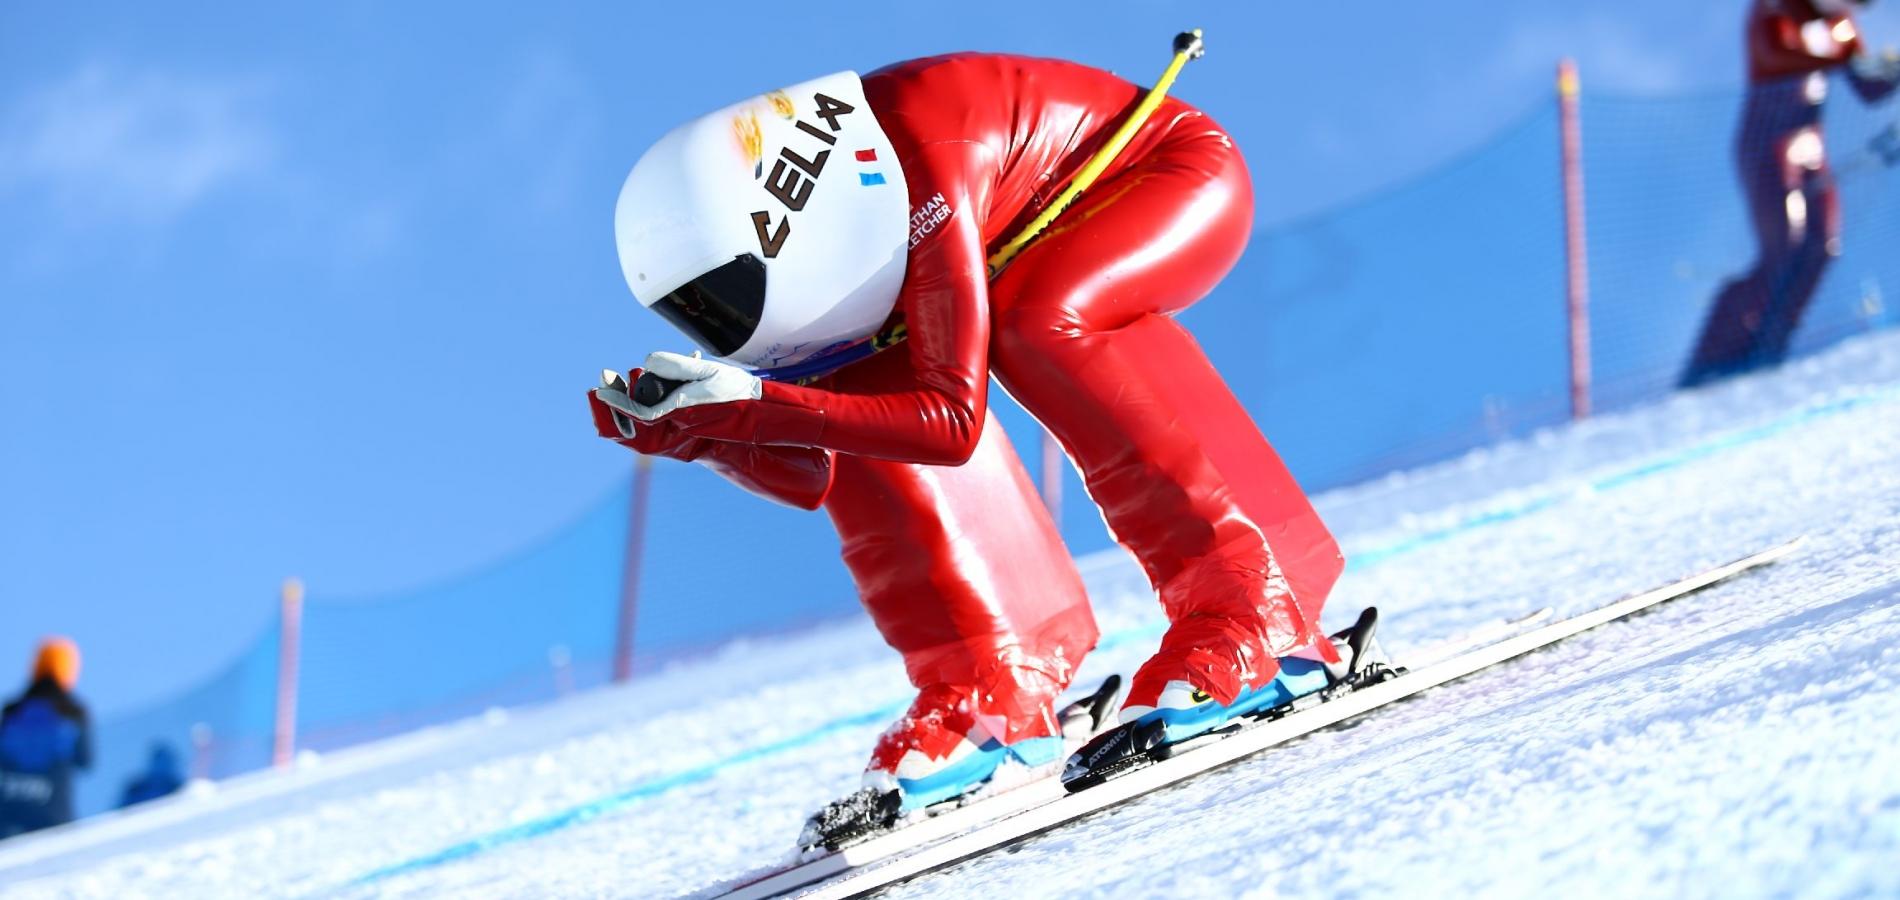 Evènements Grandvalira Andorre Découvrez les évènements majeurs de la saison 2017-18 à Grandvalira. Les meilleures compétitions de ski, snowboard, freeride, freestyle, vitesse et beaucoup de divertissement vous attend à Le Domaine de la Neige en Andorre.